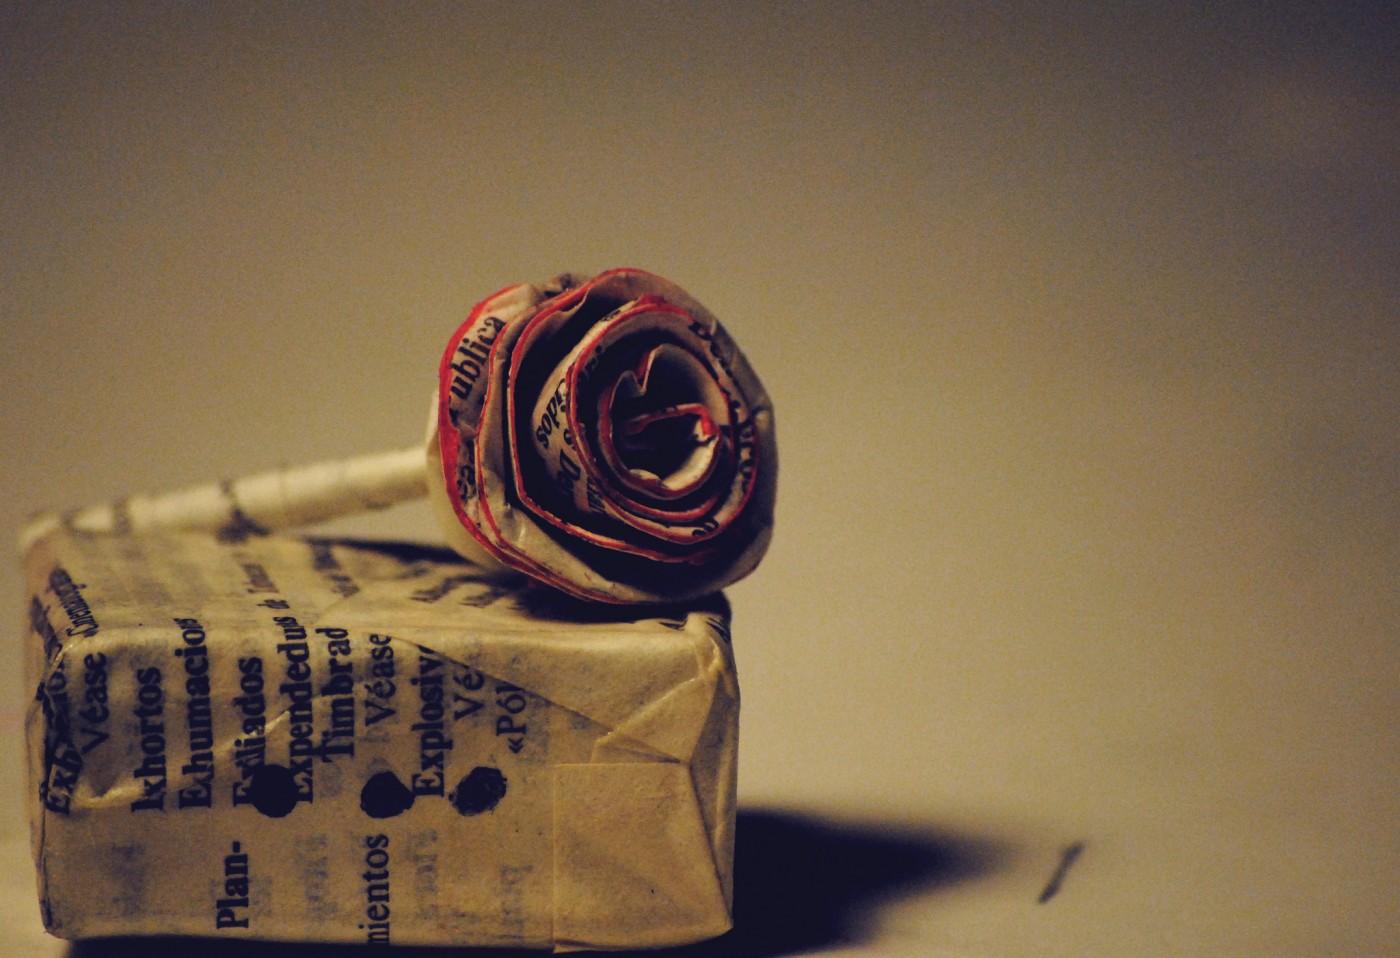 效法小王子,創業者你馴服自己的玫瑰了嗎?